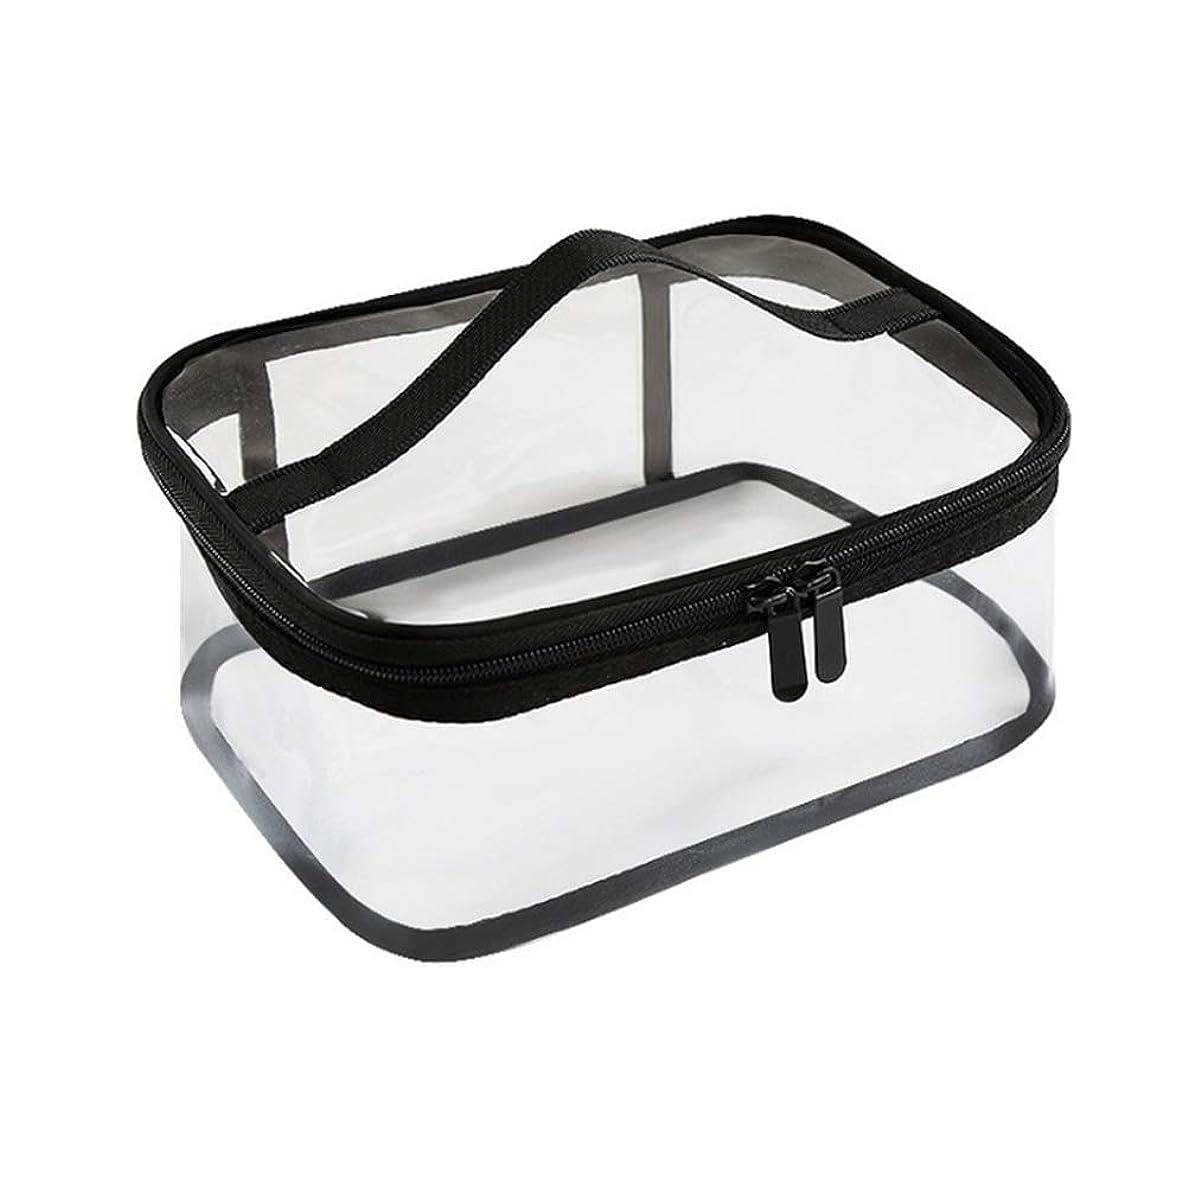 ギャラリードリルジャンプジッパー防水透明旅行収納ポーチ付きポータブルクリアメイクバッグ